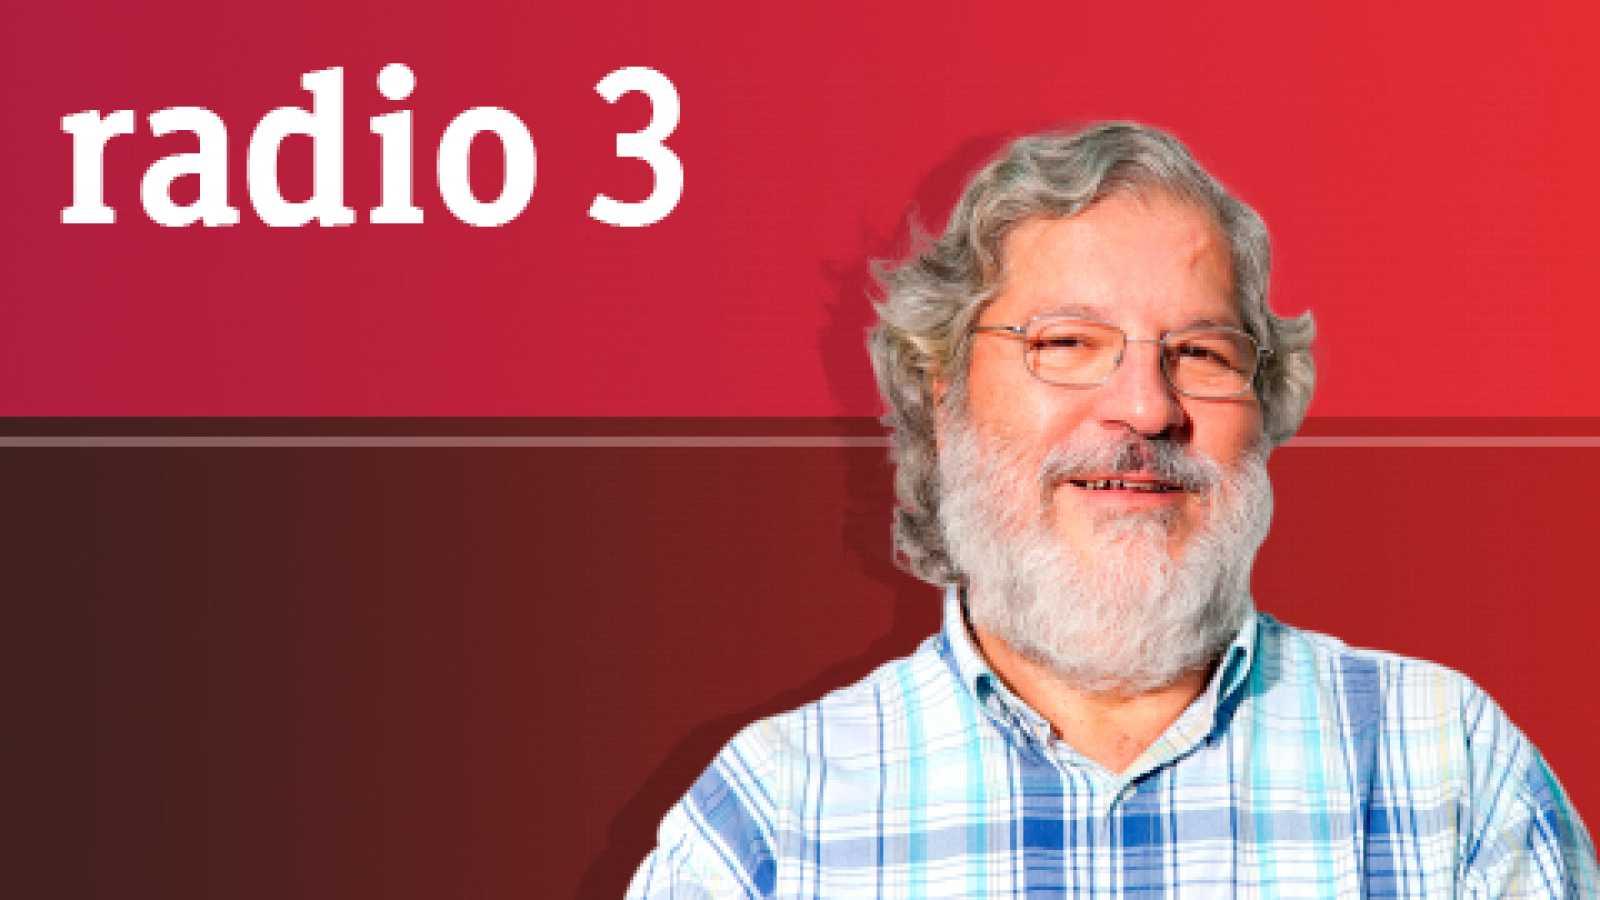 Discópolis 11.313 - Grandes Conjuntos Españoles (I) 1965 - 11/05/21 - escuchar ahora